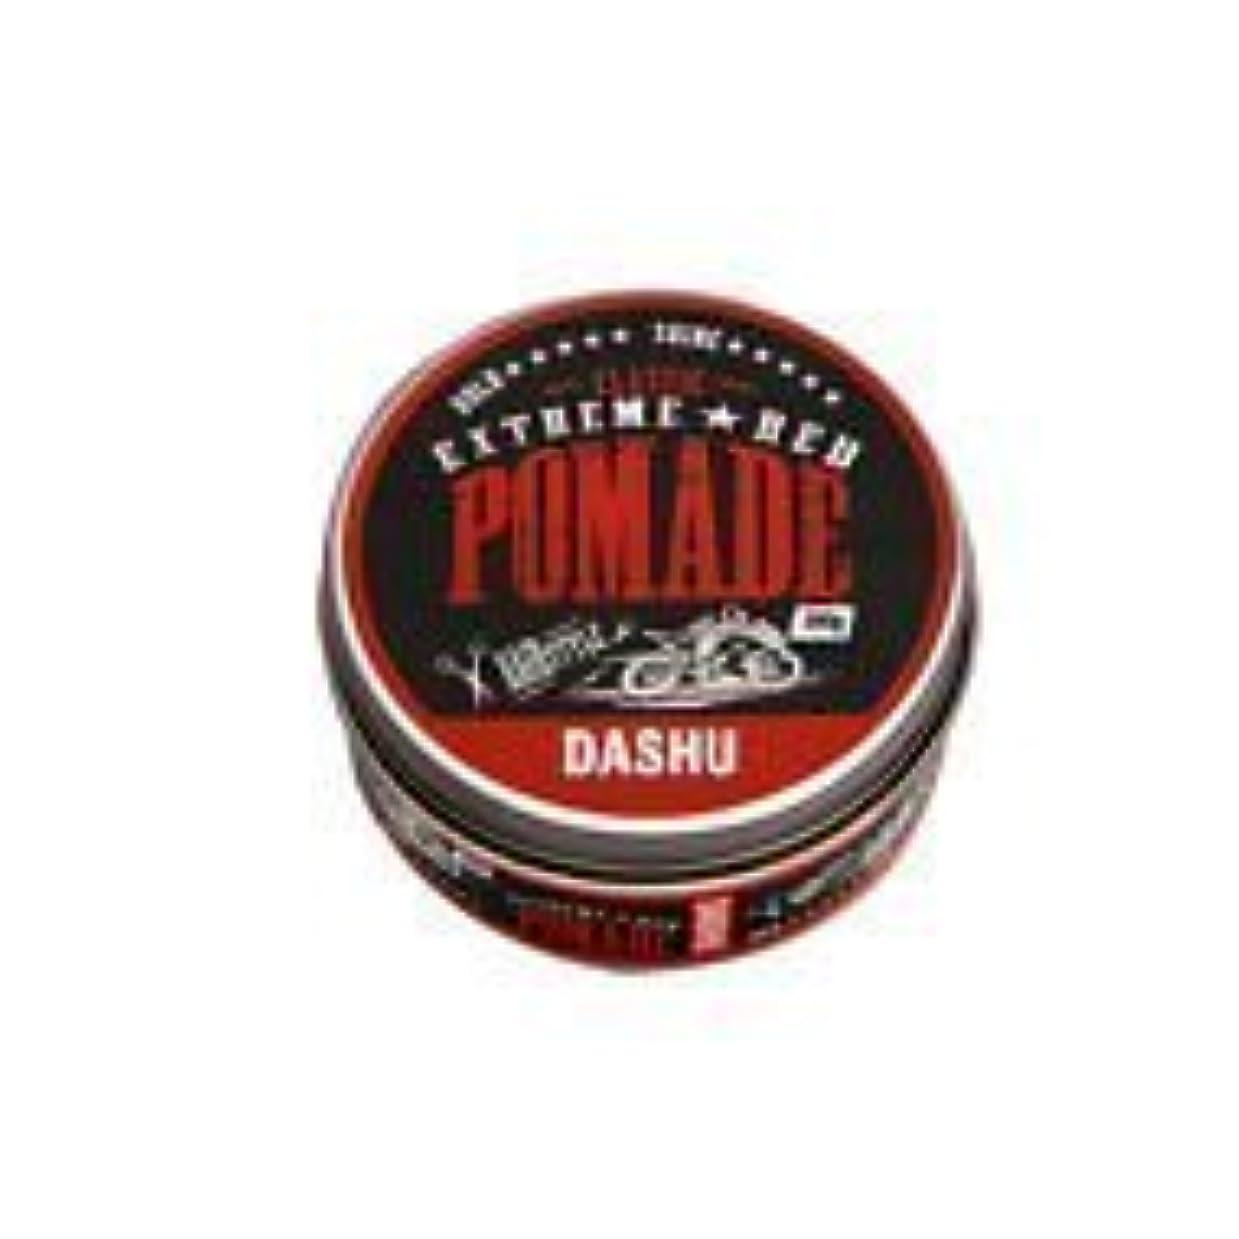 コミュニティ洗剤第五[DASHU] ダシュ クラシックエクストリームレッドポマード Classic Extreme Red Pomade Hair Wax 100ml / 韓国製 . 韓国直送品